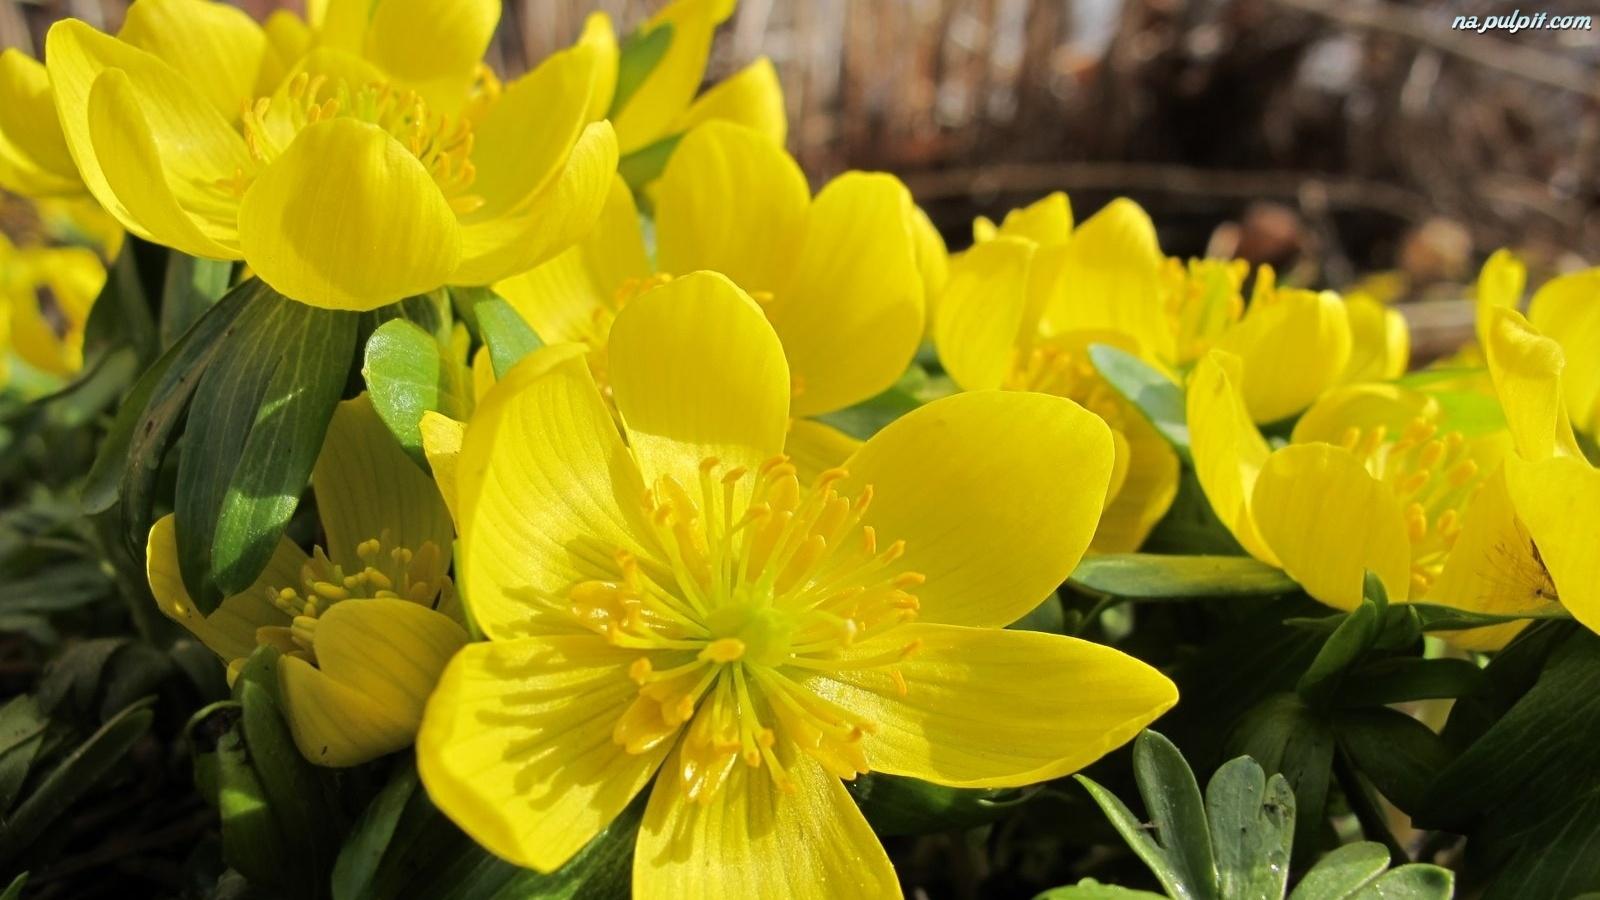 18 Kaczeńce Kwiaty Wiosenne Ż&243łte Na Pulpit